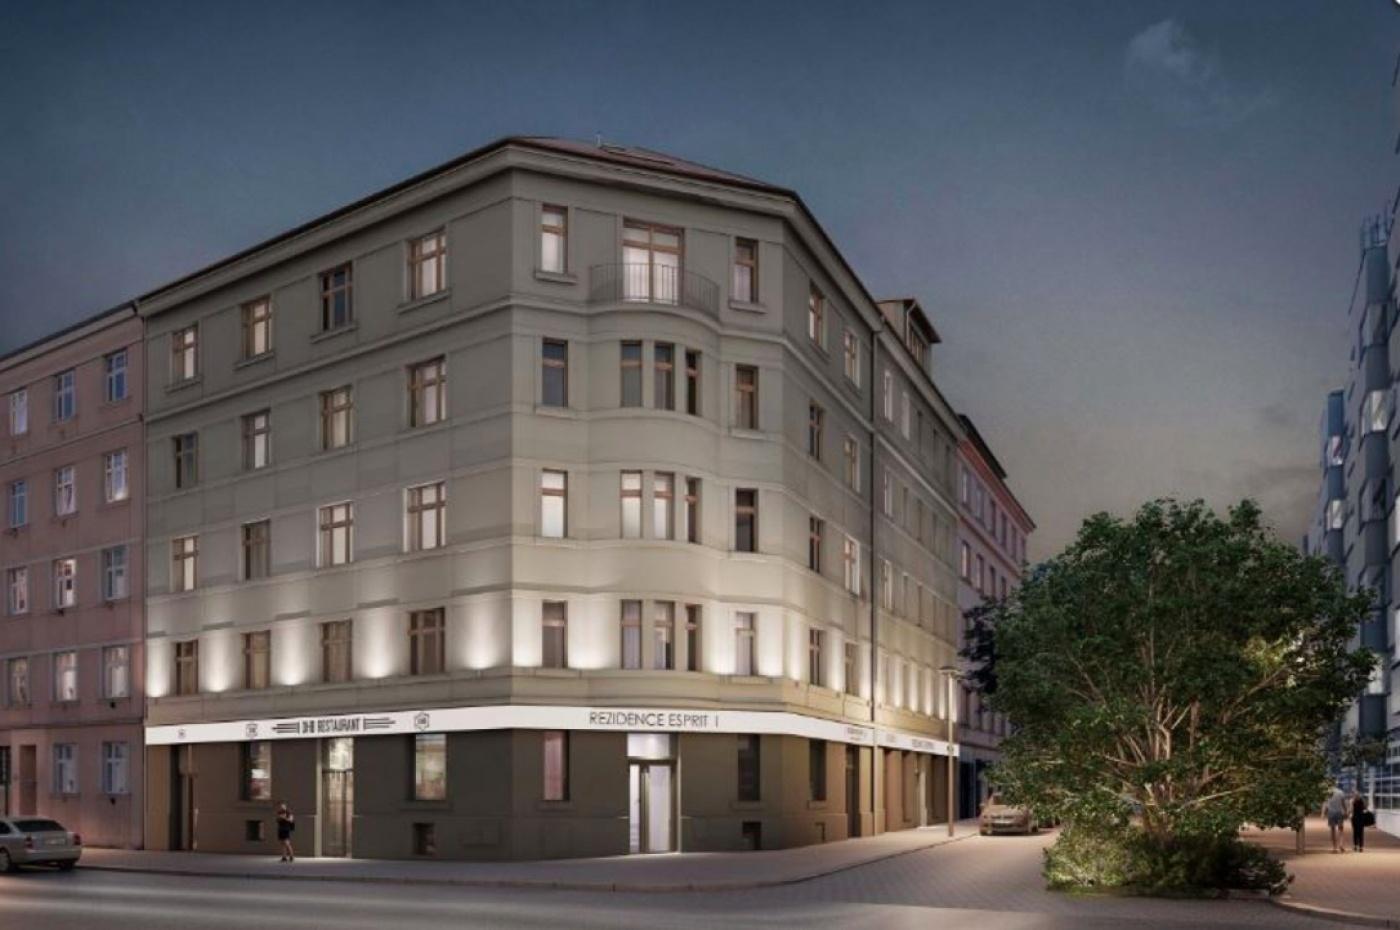 Půdní byt 2+kk, plocha 42 m², ulice Lihovarská, Praha 9 - Libeň, cena 4 419 000 Kč | 2